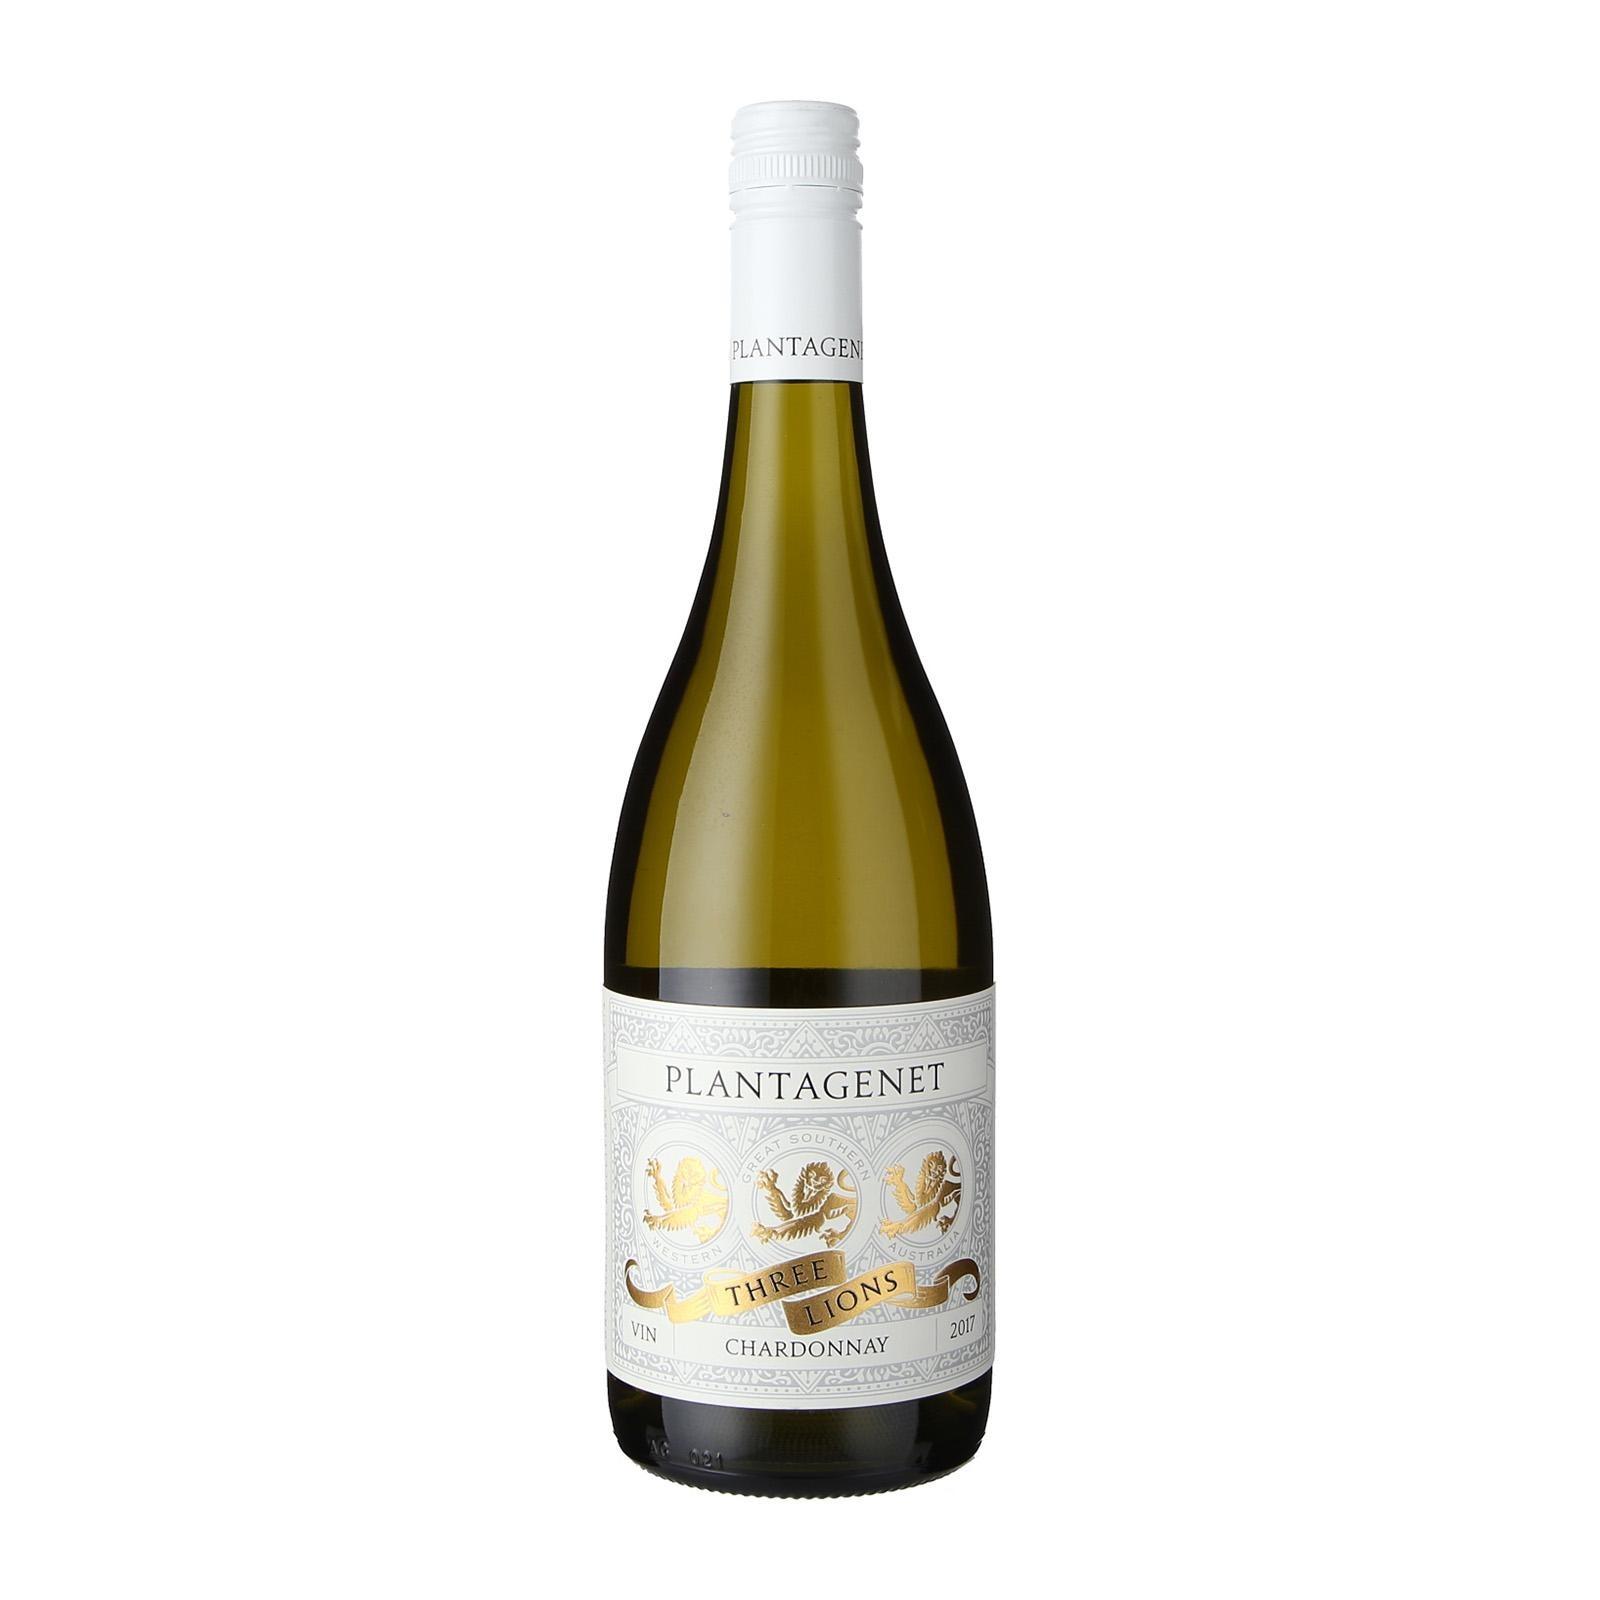 Plantagenet Three Lions Chardonnay-By Culina